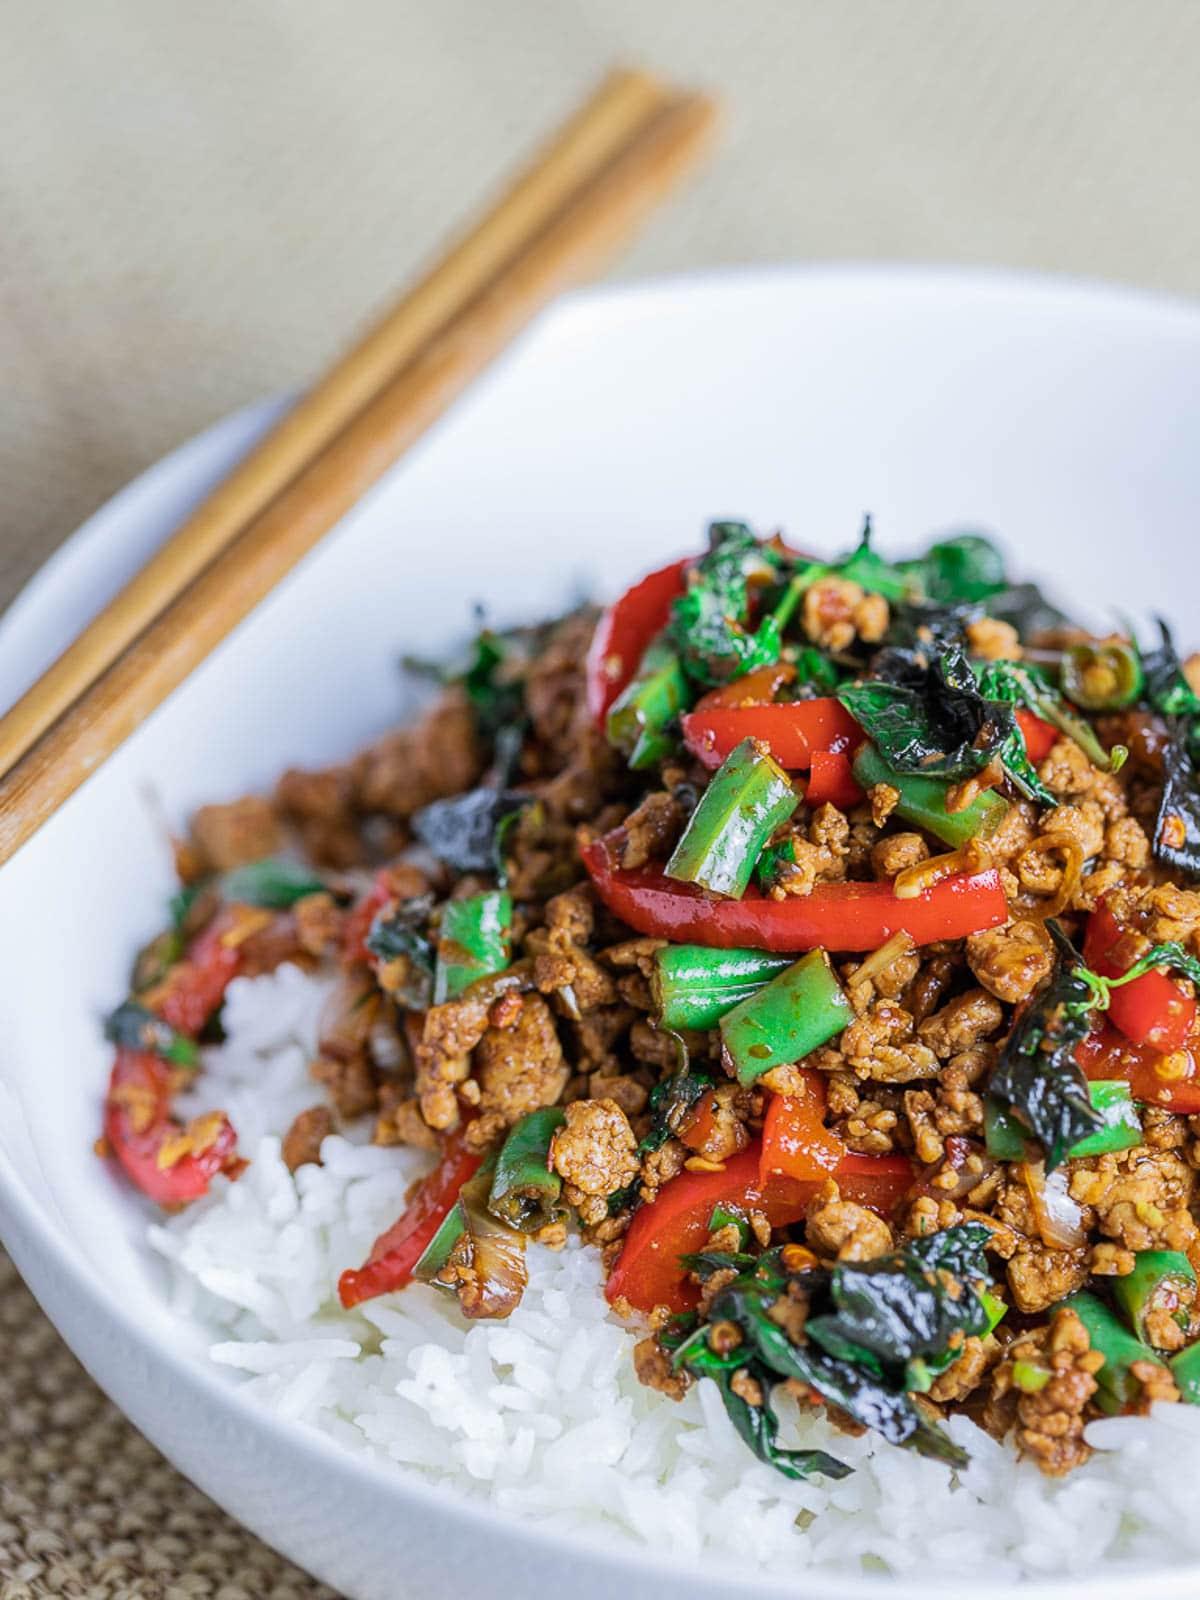 thai-basil-tofu-stir-fry-pad-krapow-gai-6